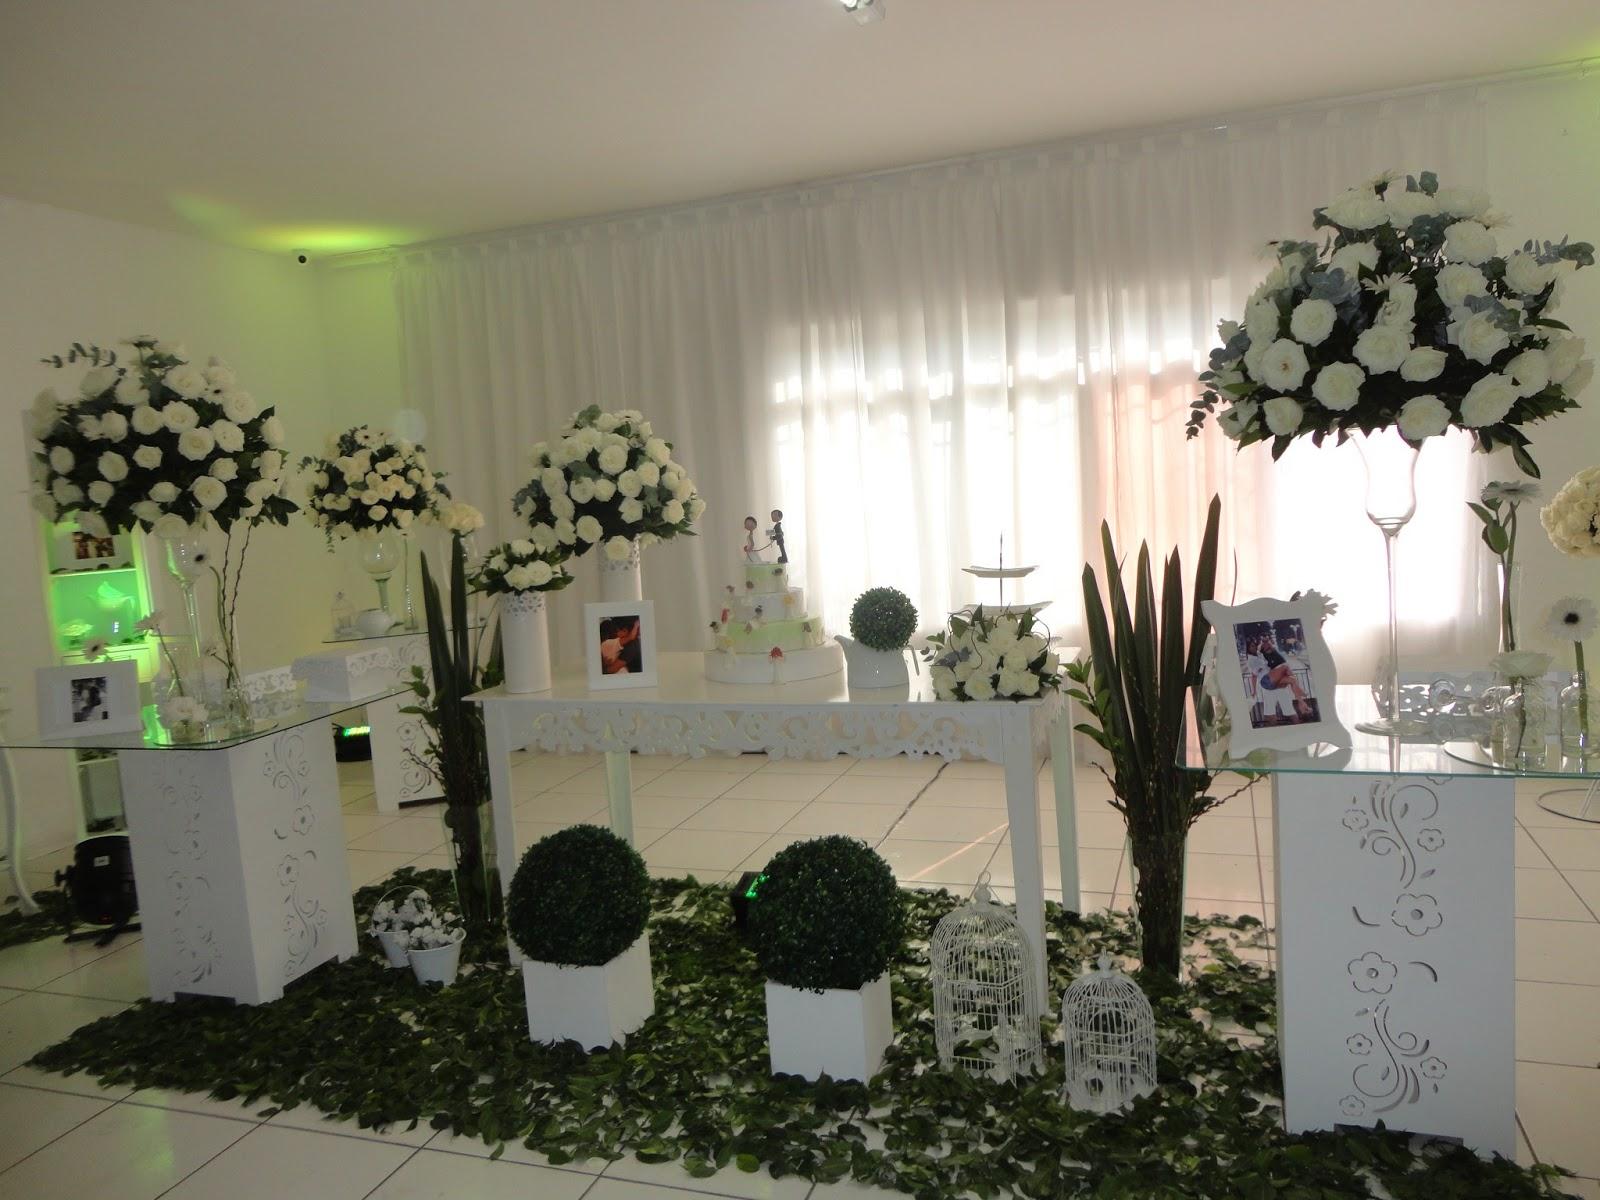 decoracao branca e verde para casamento : decoracao branca e verde para casamento:Casamentos e Festa Tagliari: Decoração de Casamento Verde e Branca